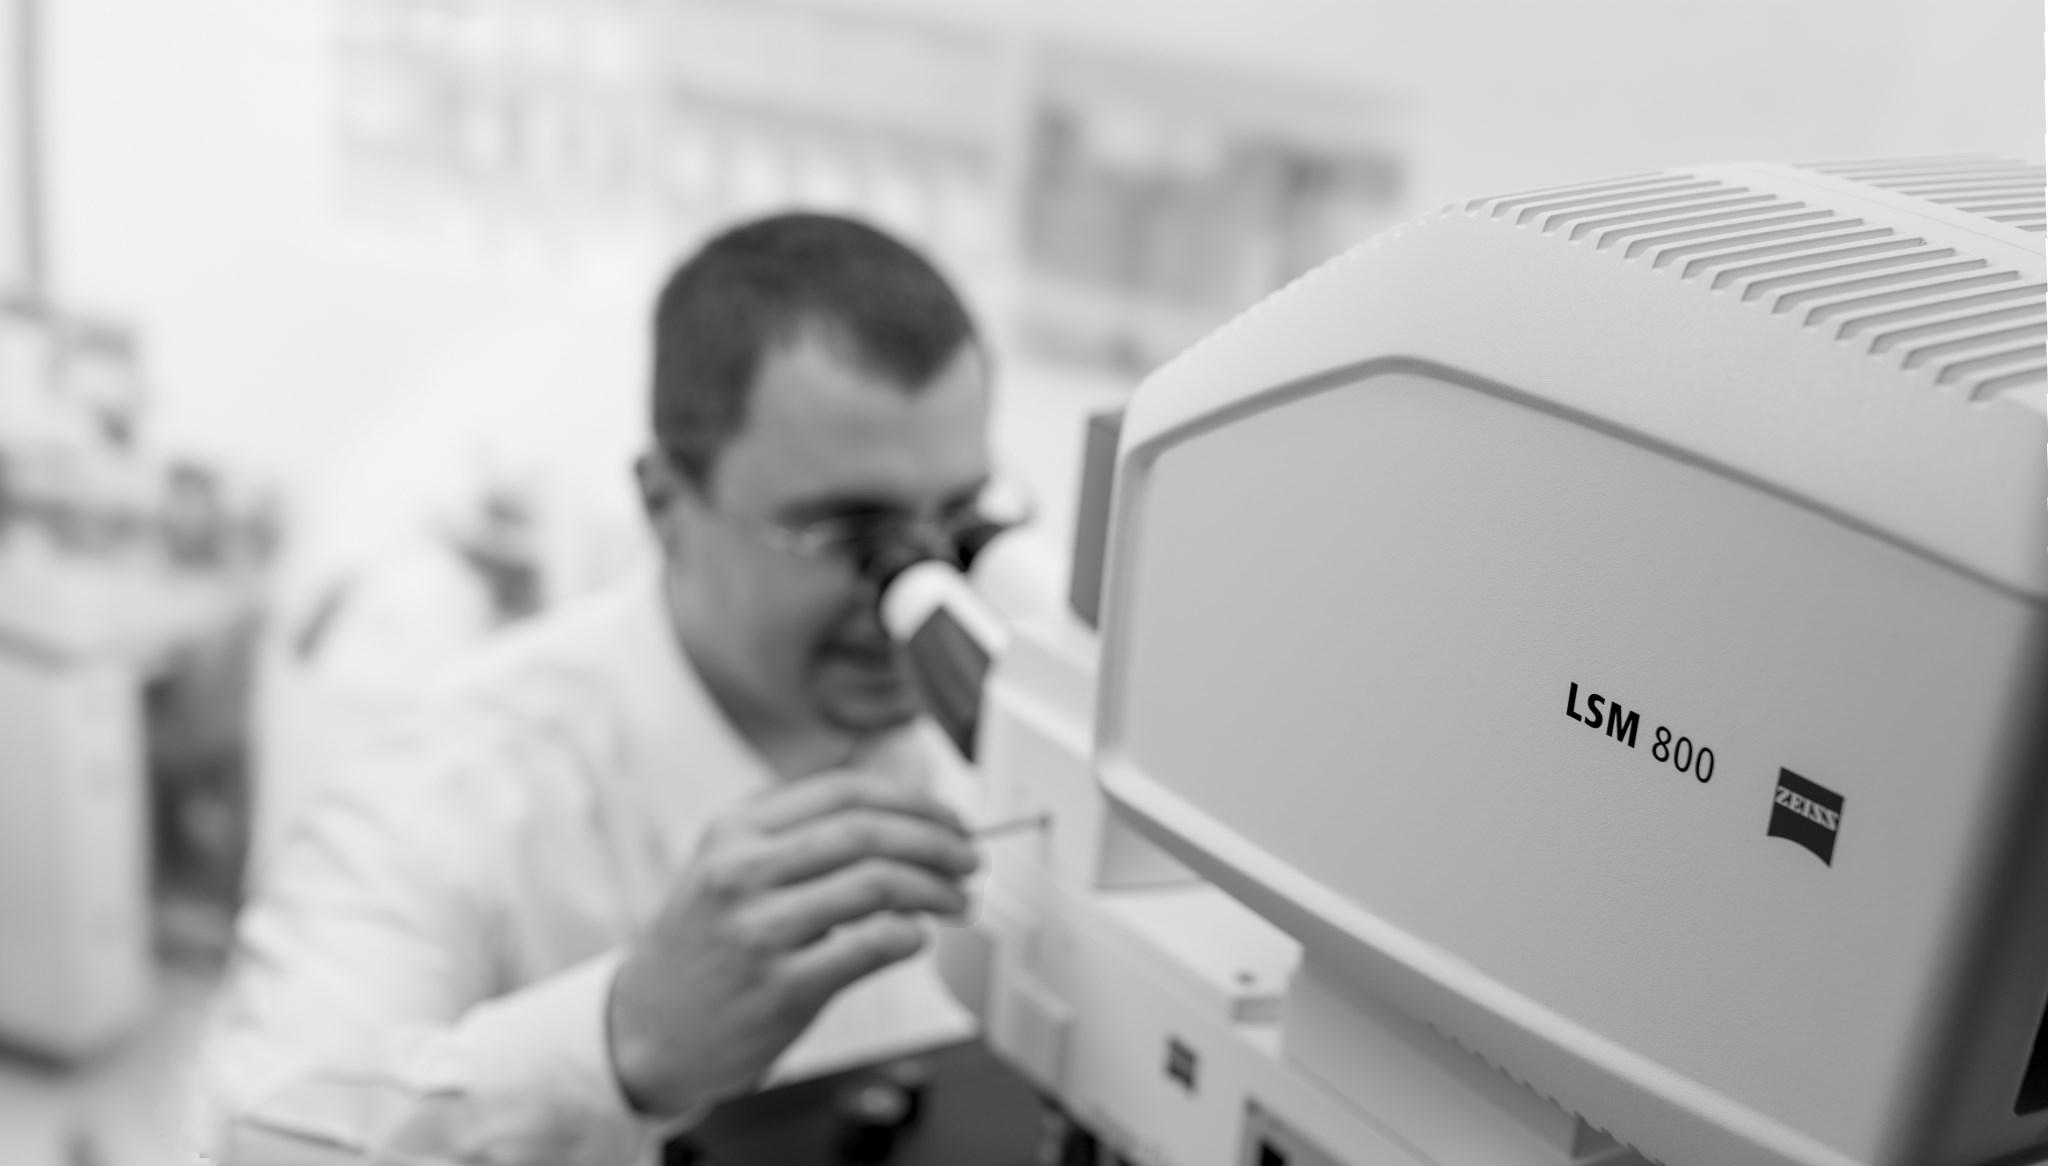 ZEISS LSM 800 für Materialmikroskopie